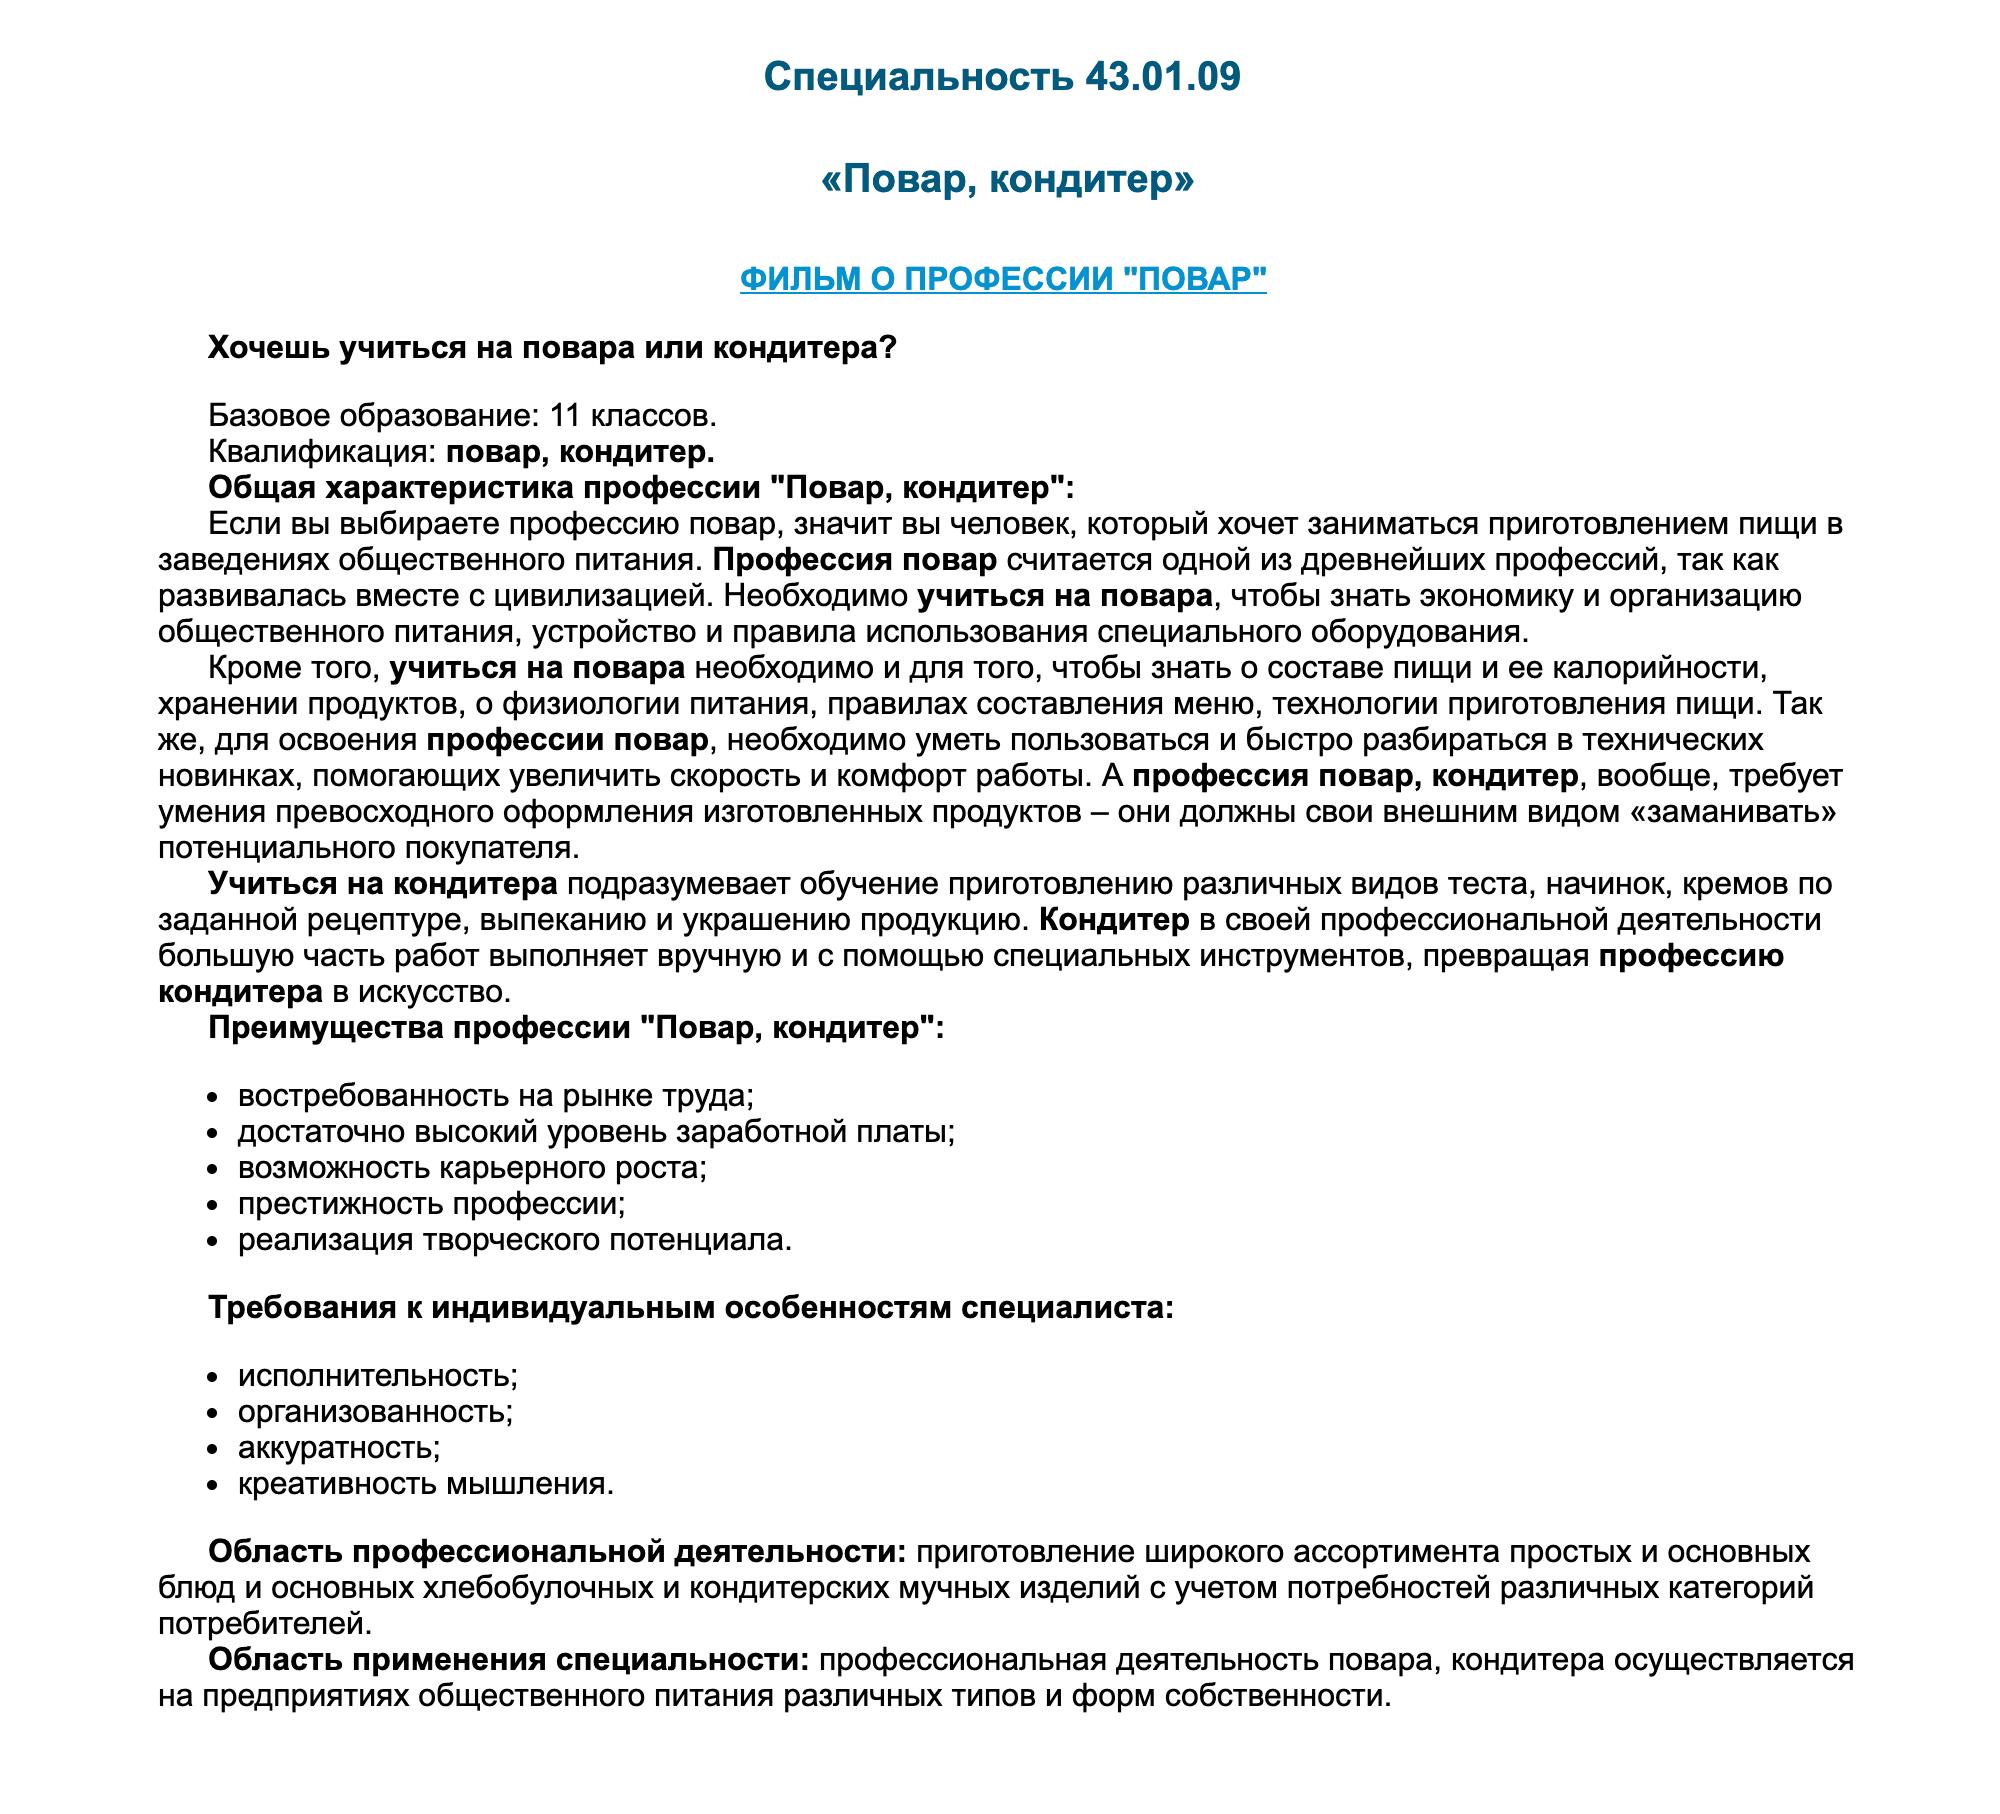 Описание специальности «Повар-кондитер» на сайте моего колледжа